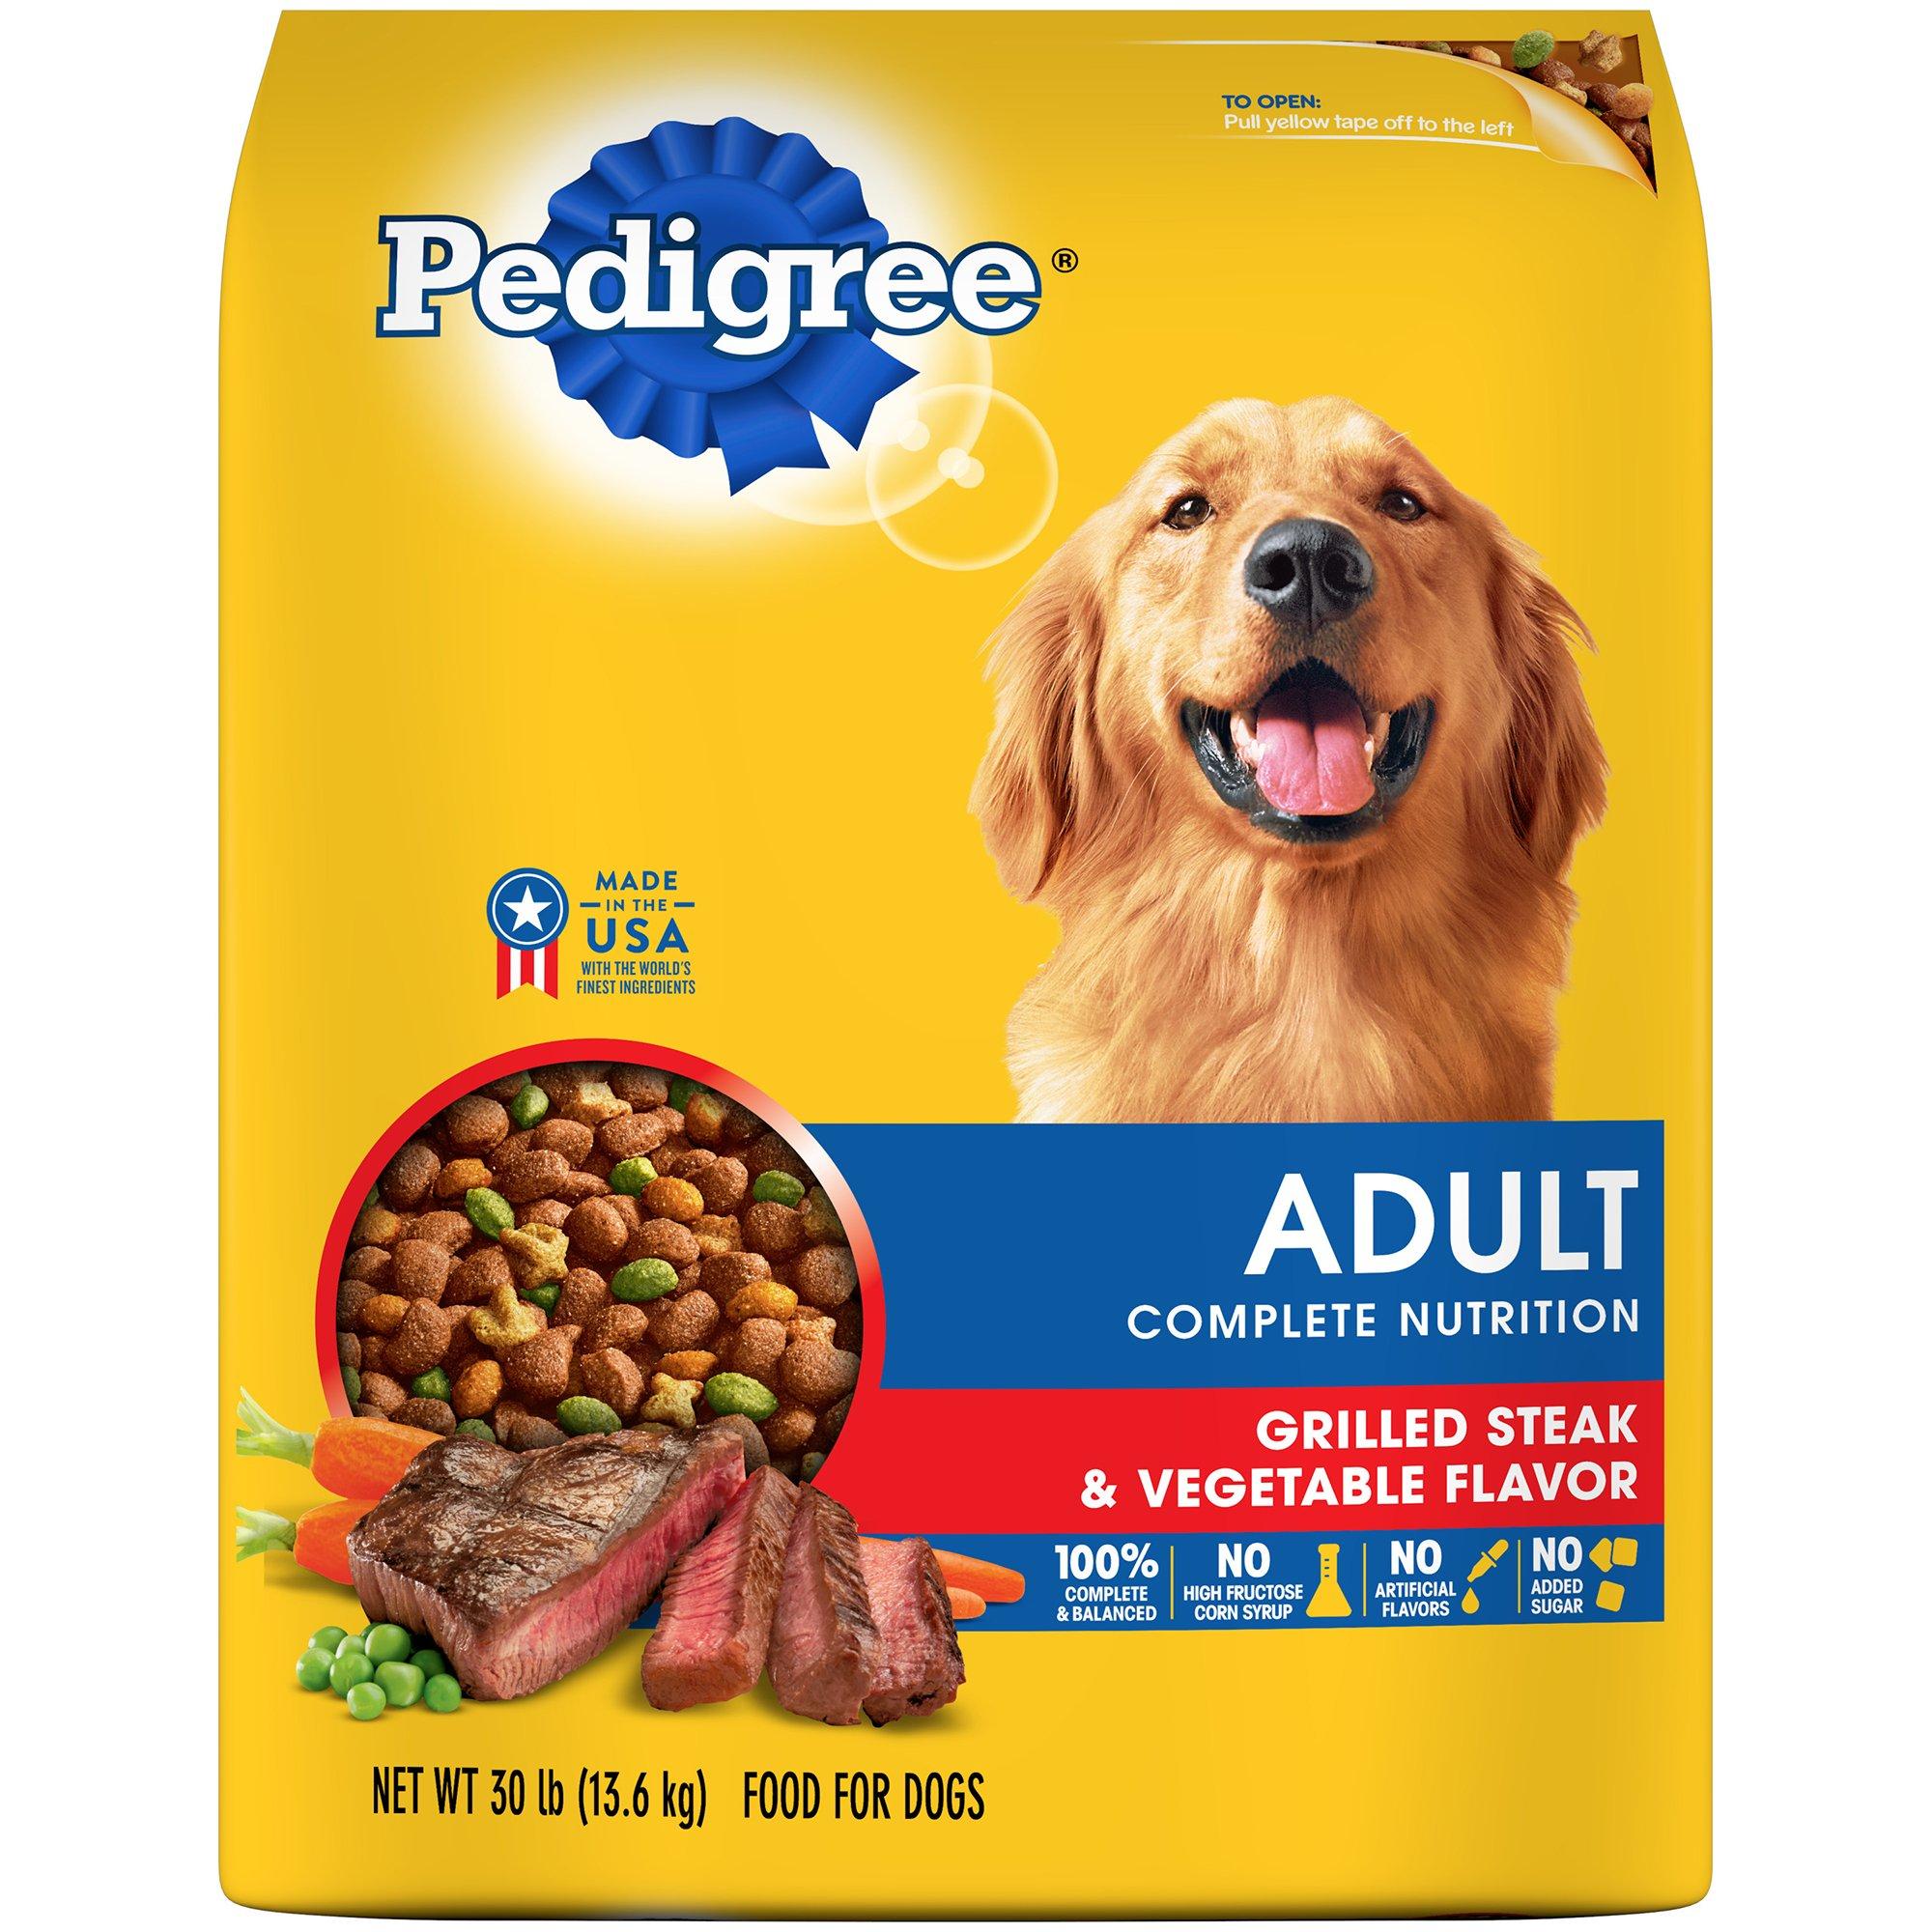 Pedigree Adult Dry Dog Food – Grilled Steak & Vegetable Flavor